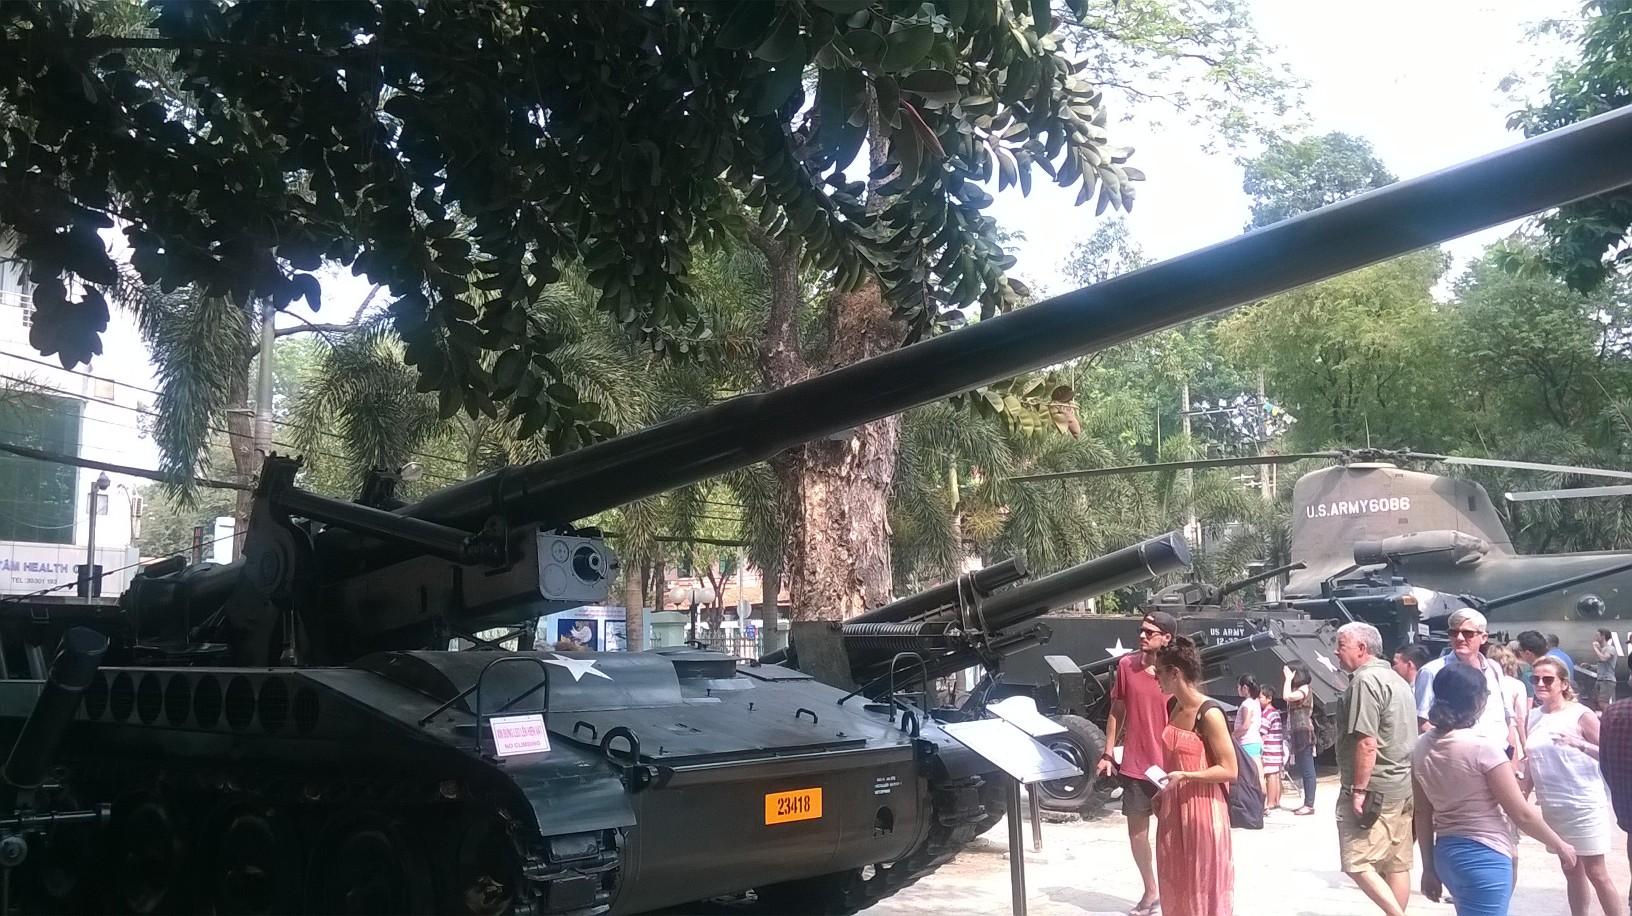 hcmc-war-mem-mus-107-mm-guns-mar16